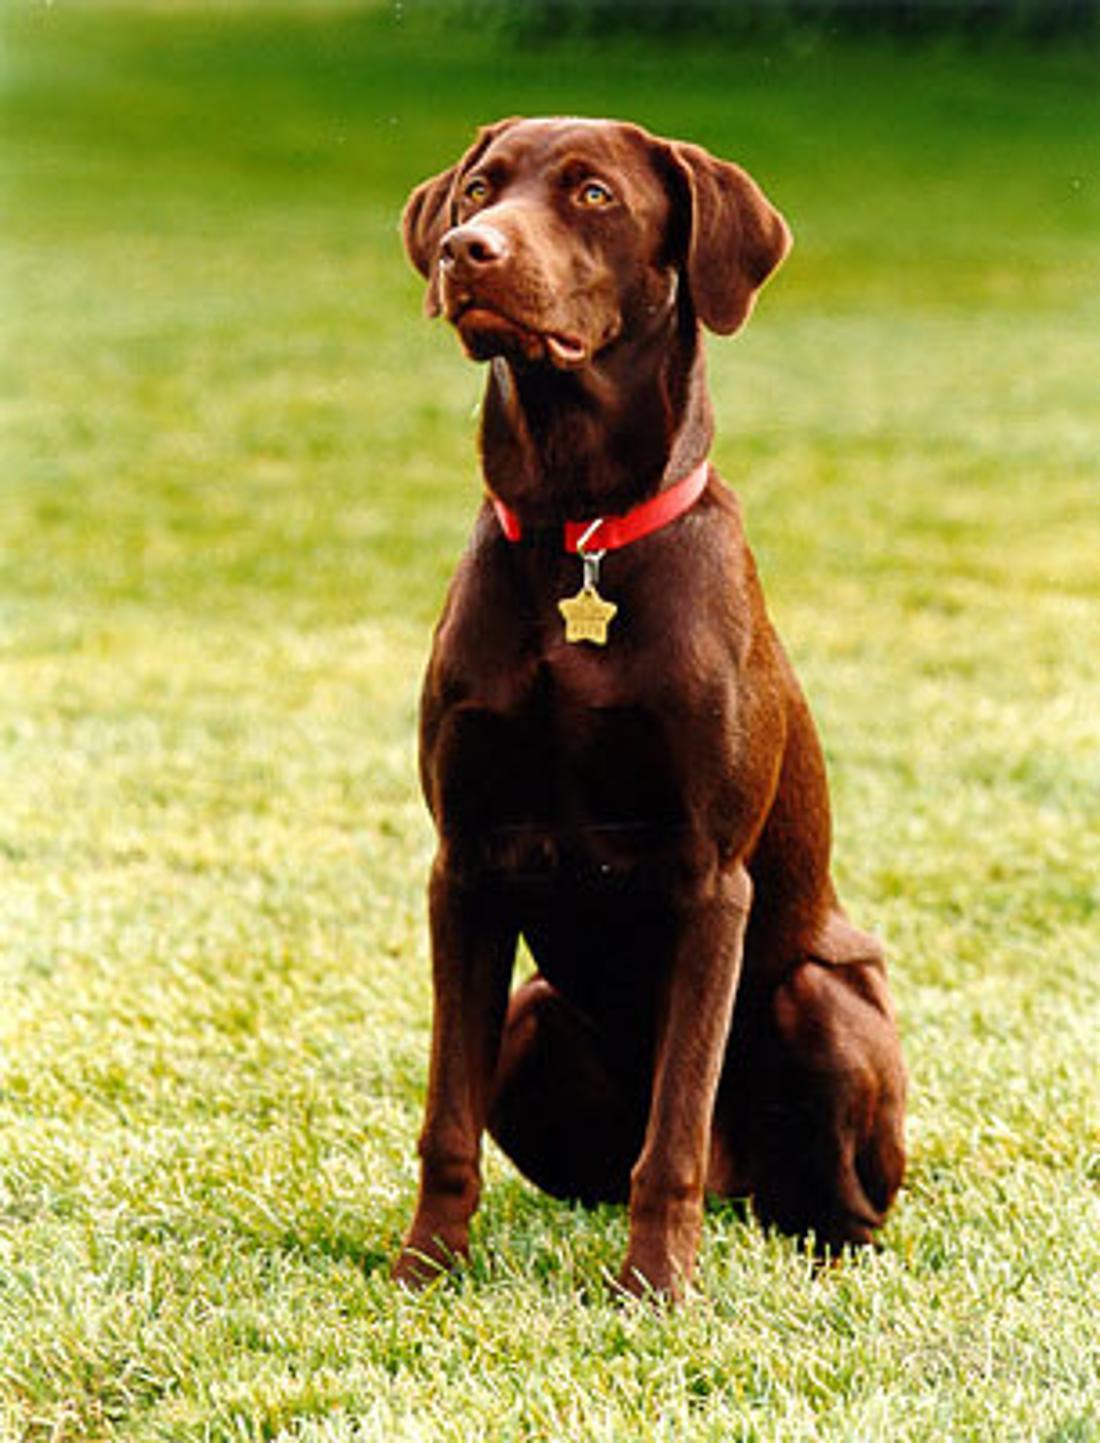 Labrador Retriever Buddy sitzt auf dem Rasen.